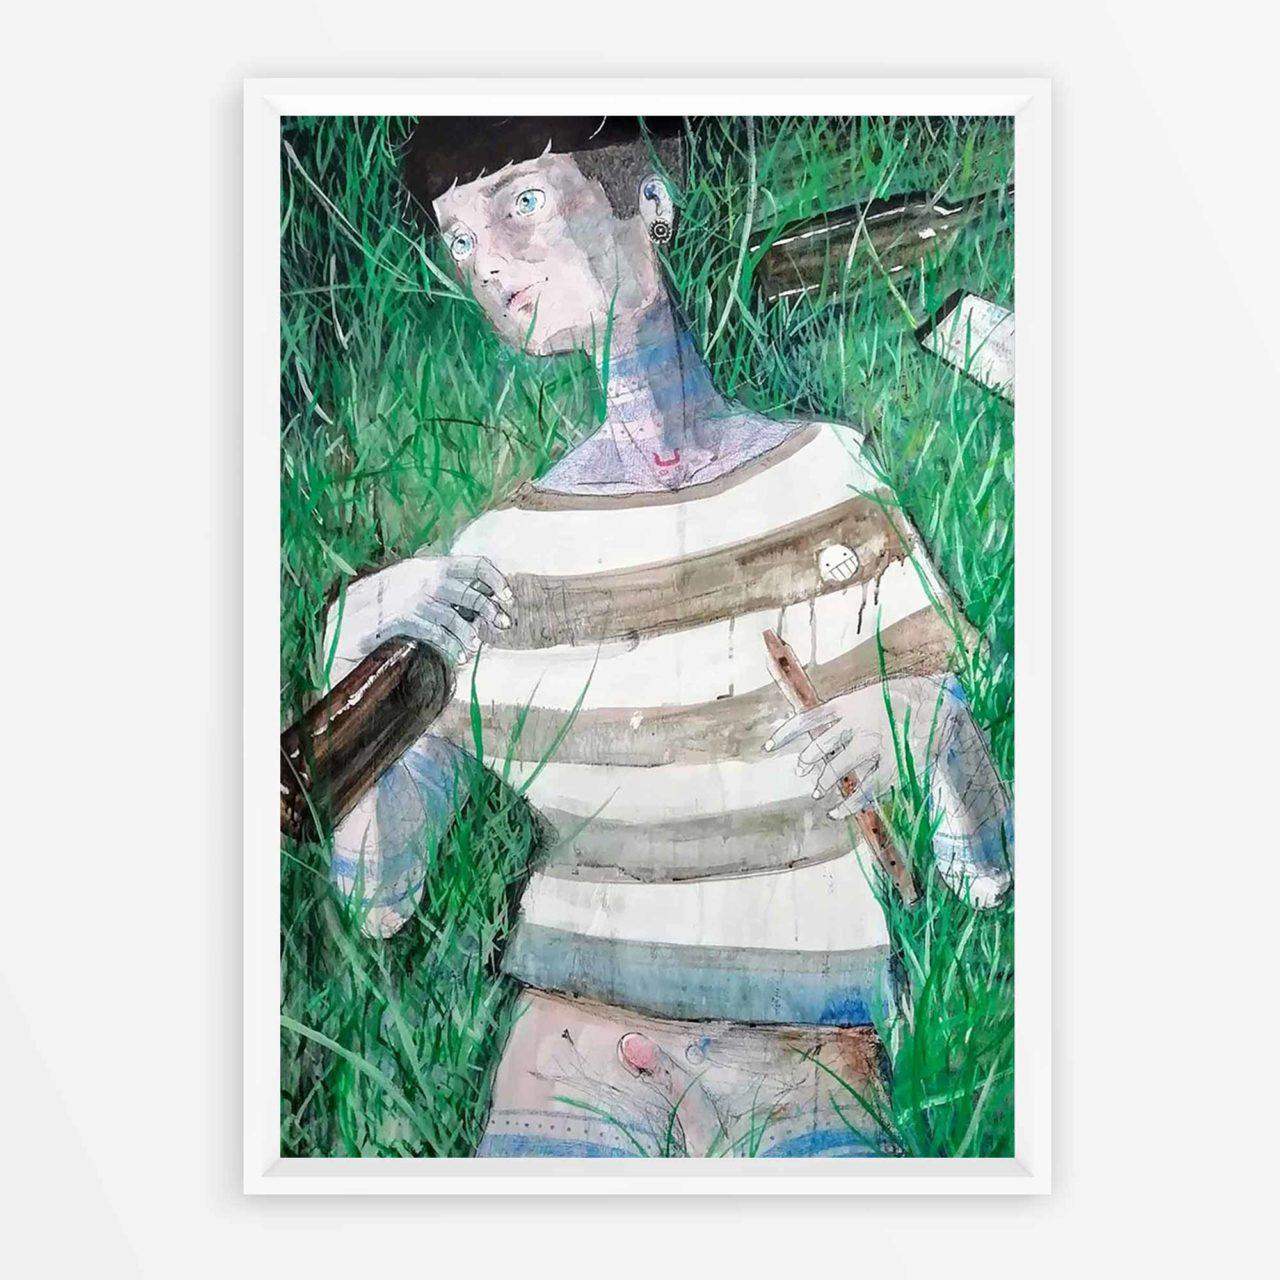 2019 Fauno dei parchi notturni Pittura contemporanea Quadro ad acrilico Diego Gabriele